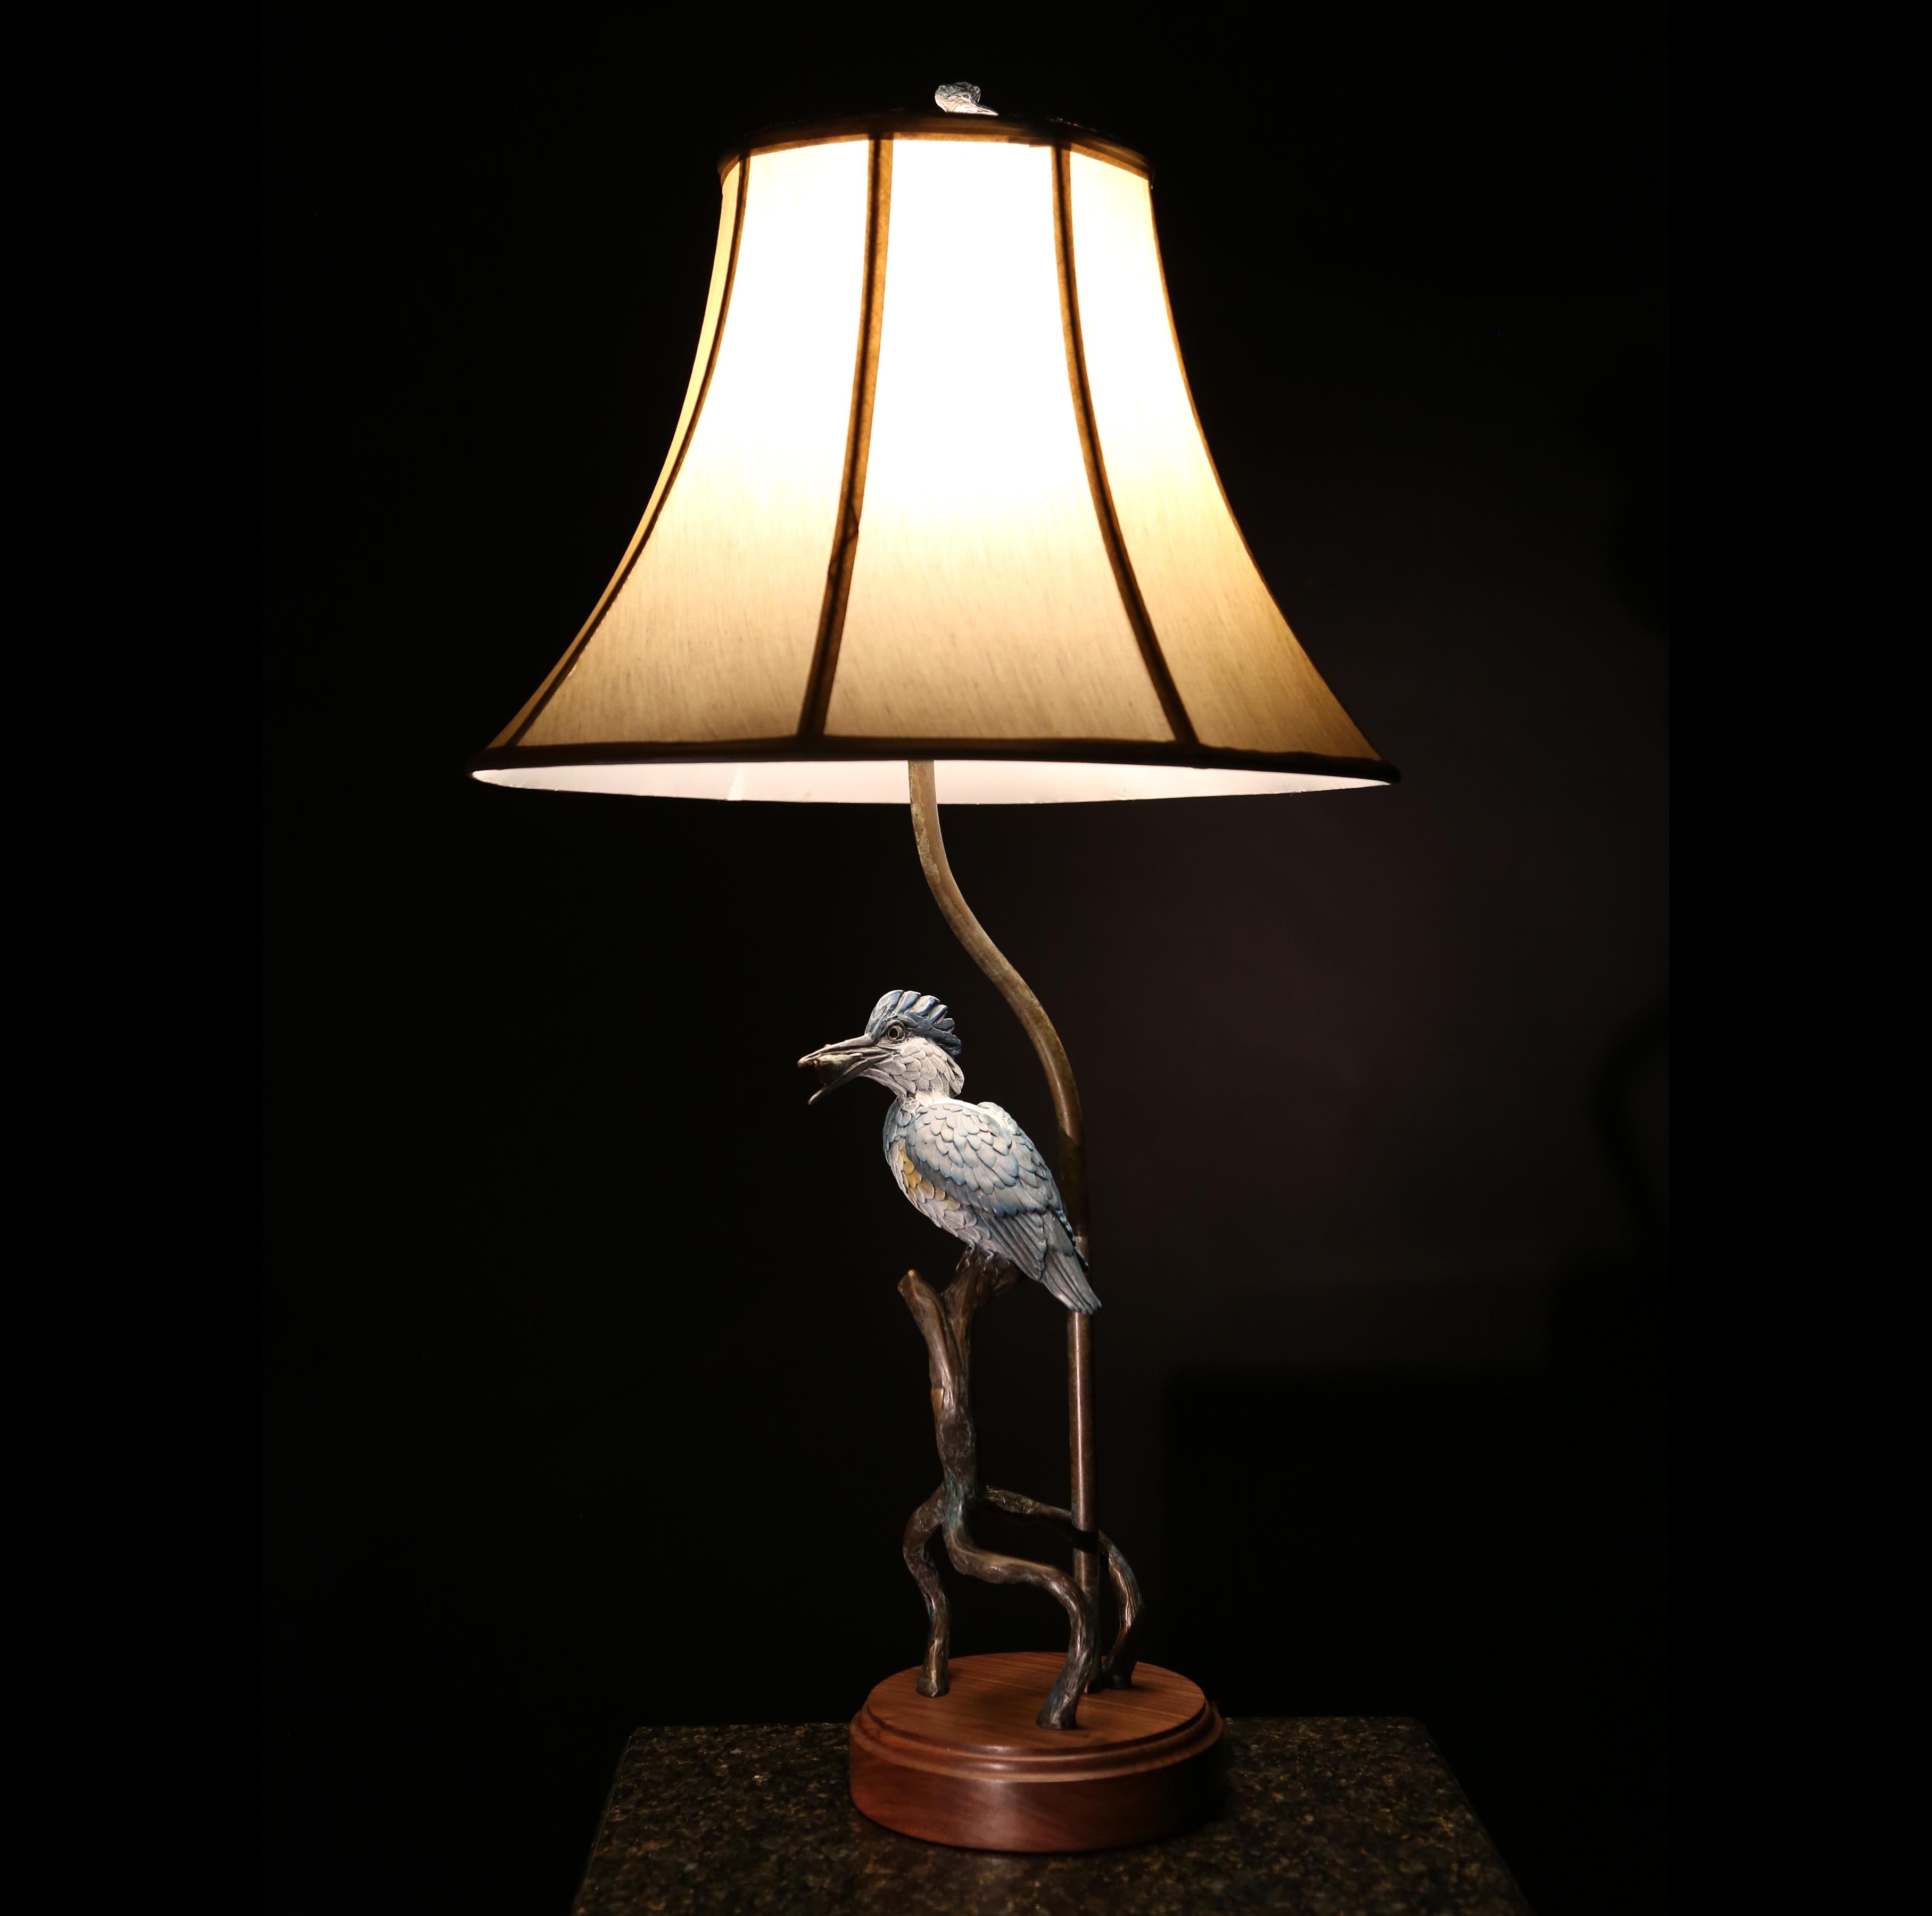 Mangrove King Lamp